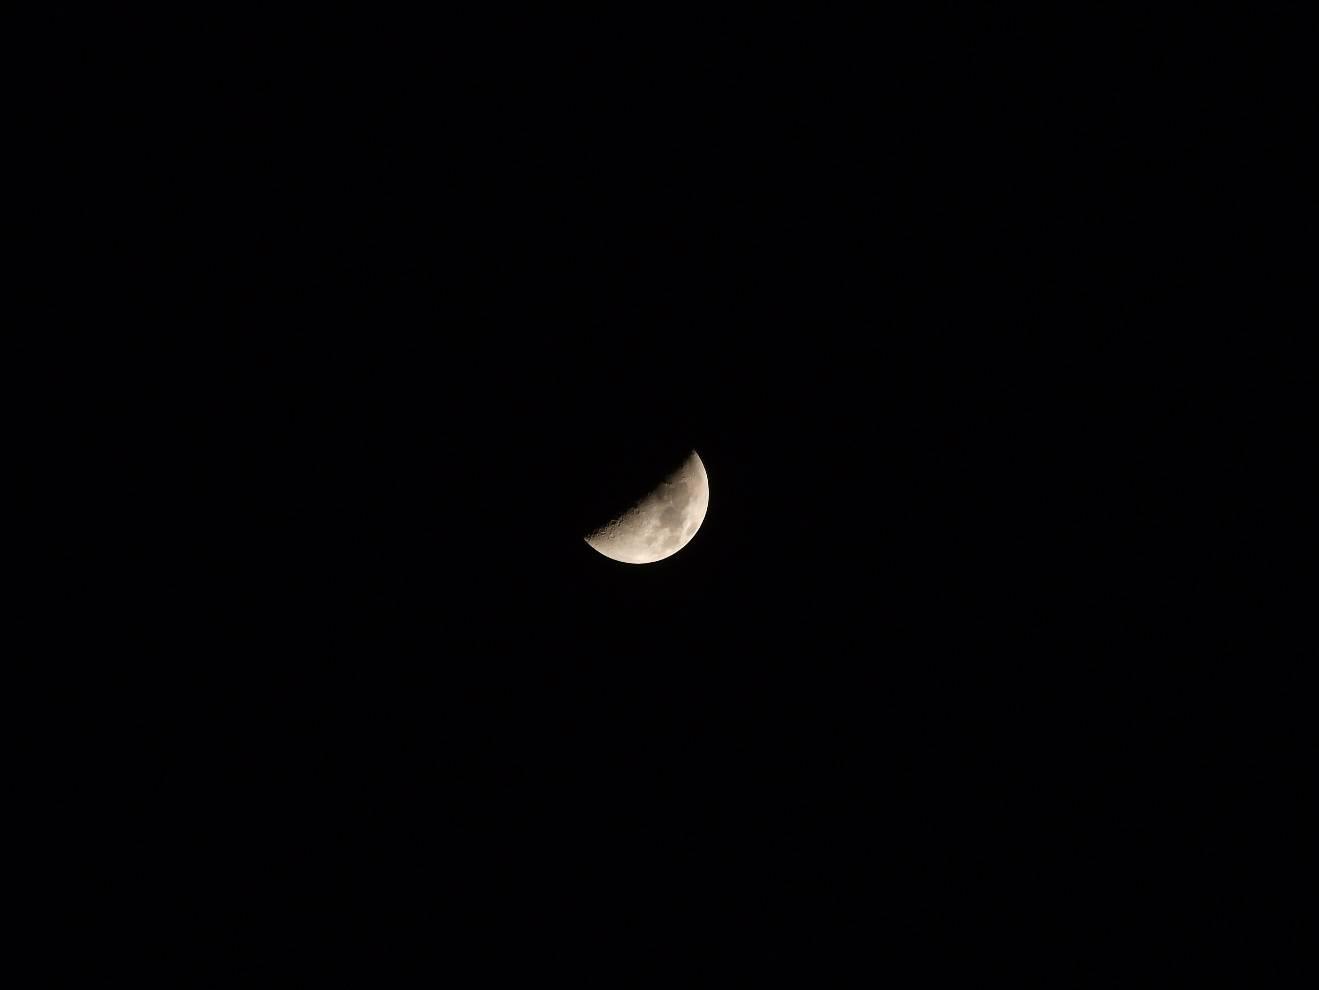 富士 S1770 所摄 月亮